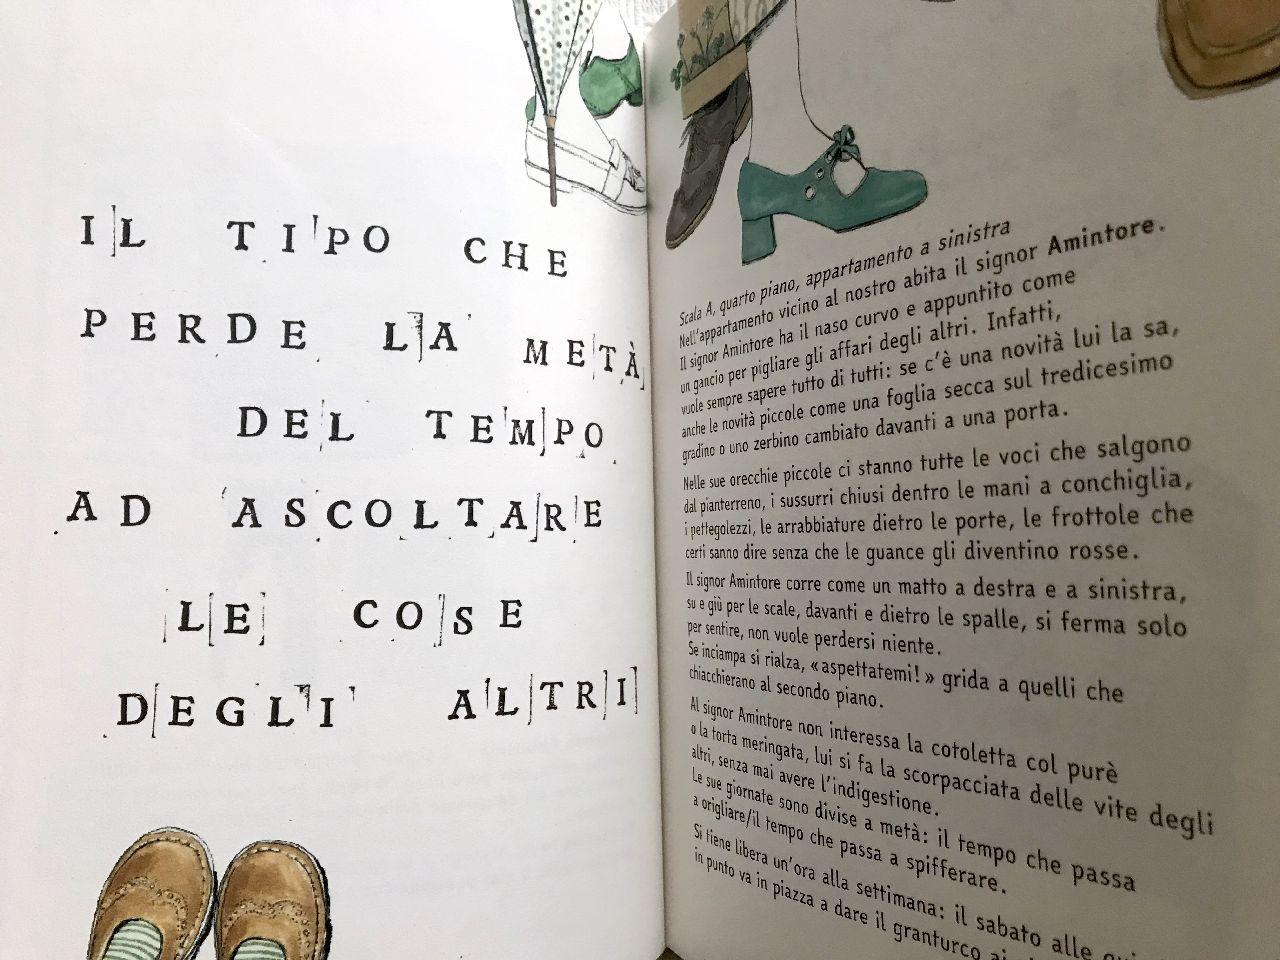 Cristina Bellemo - Gioia Marchegiani, Tipi, Edizioni gruppo Abele